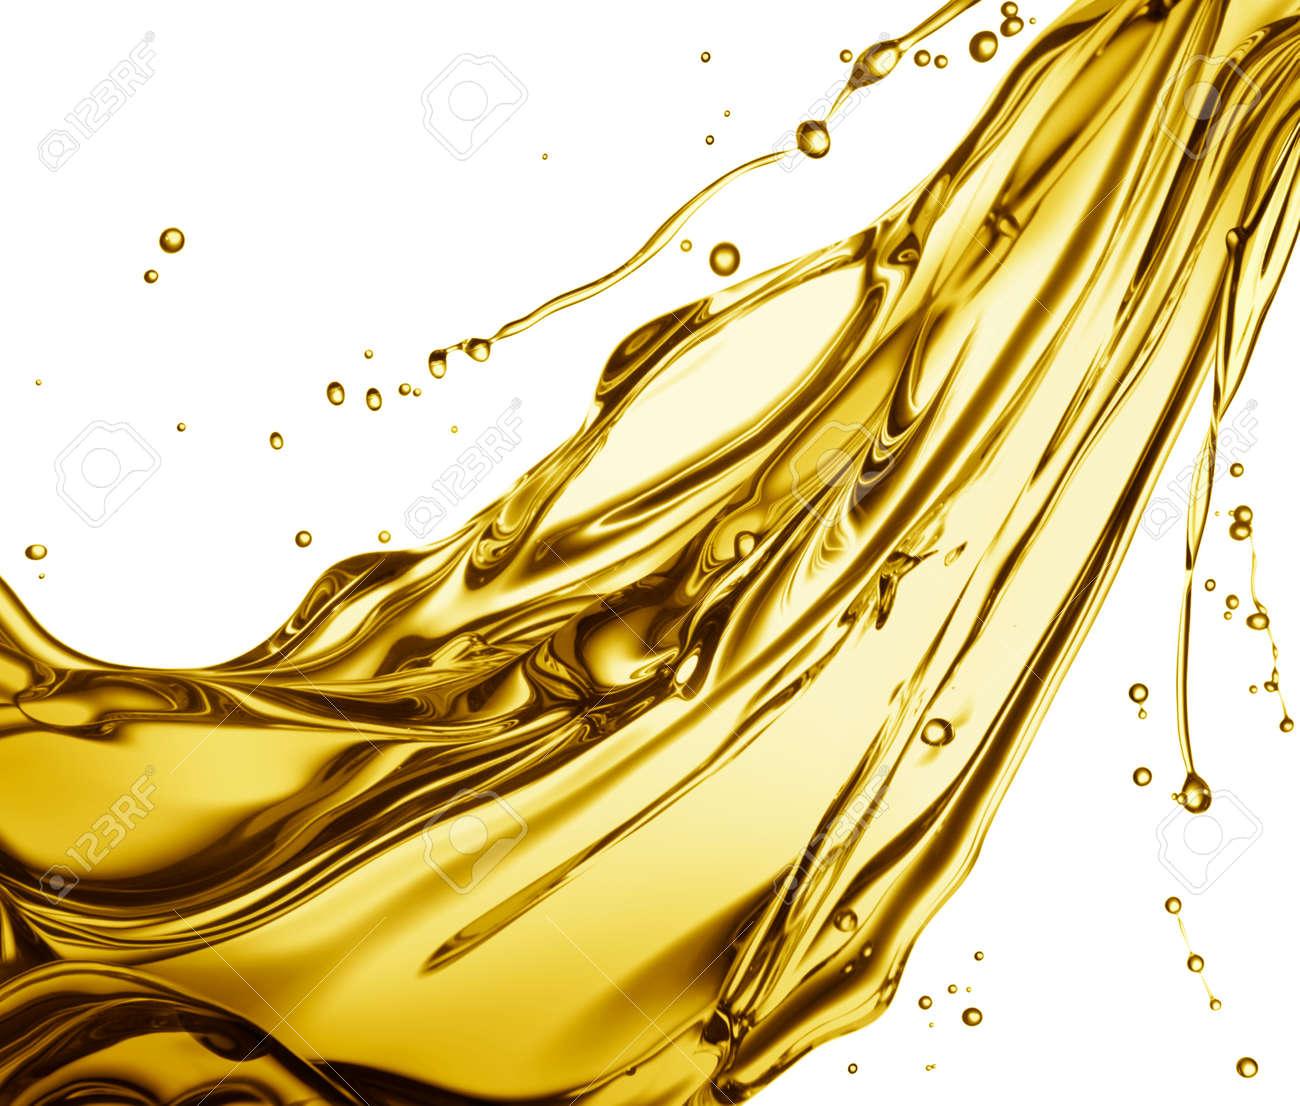 engine oil splashing isolated on white background - 36272372